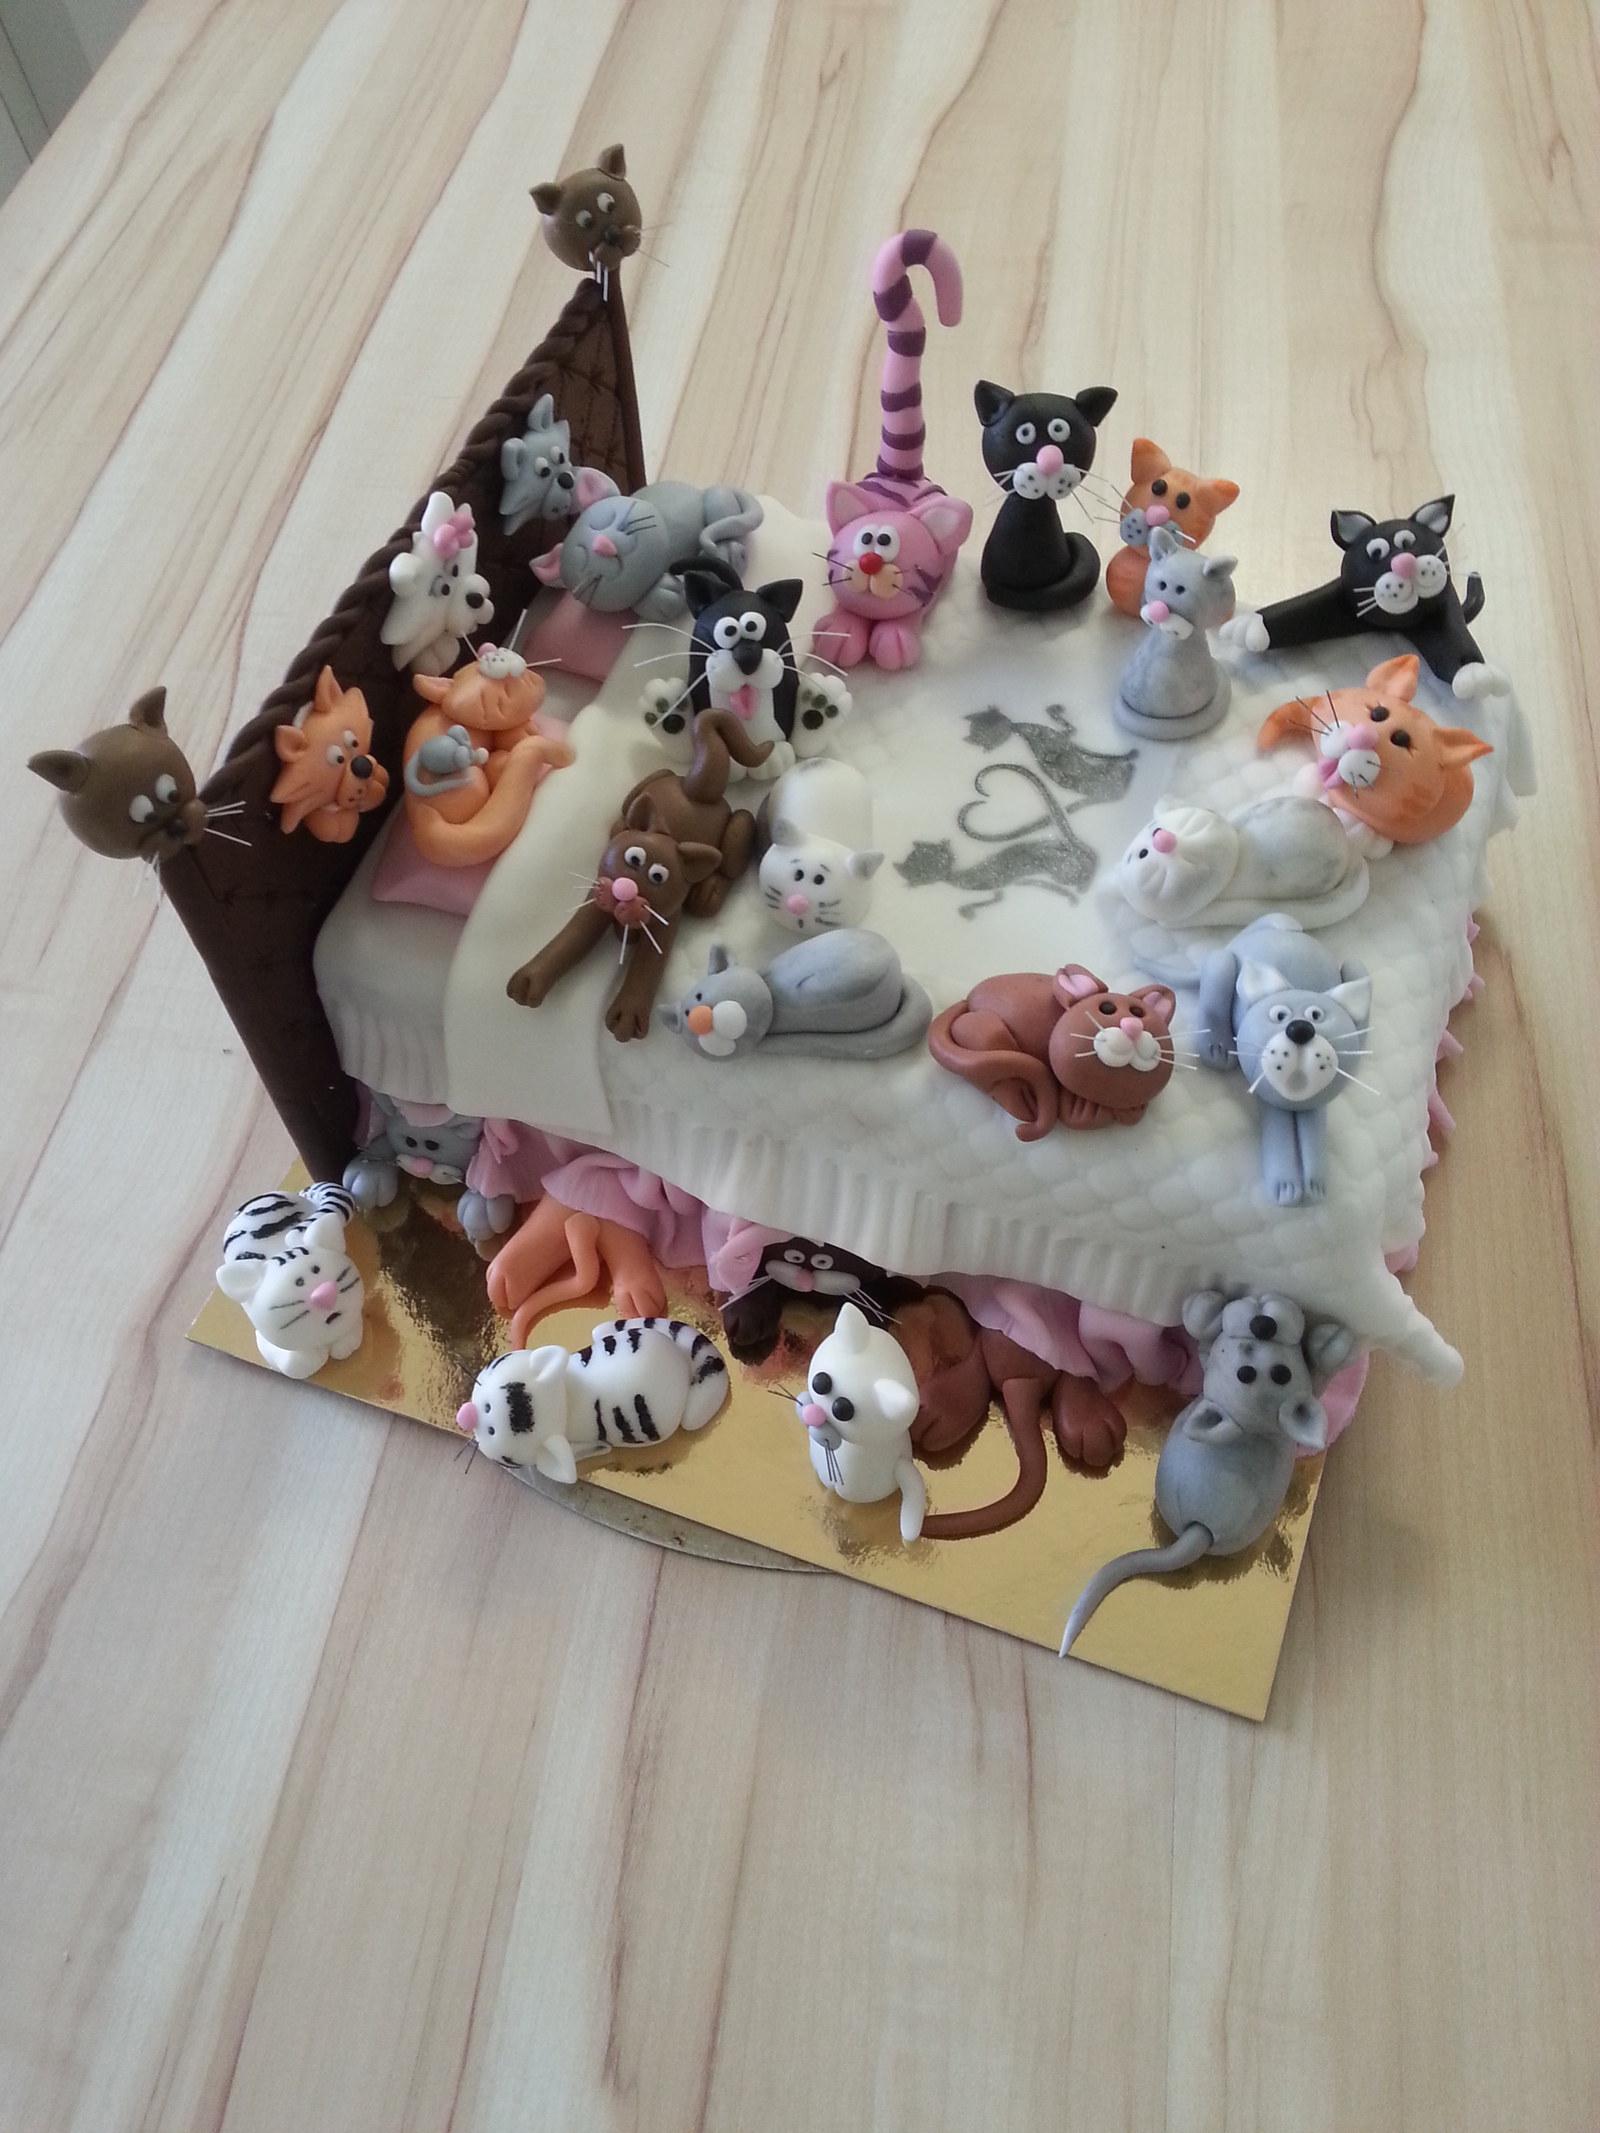 dort k 30 narozeninám Kočičí dort. s 30 kočičkami k 30 narozeninám / Zboží  dort k 30 narozeninám